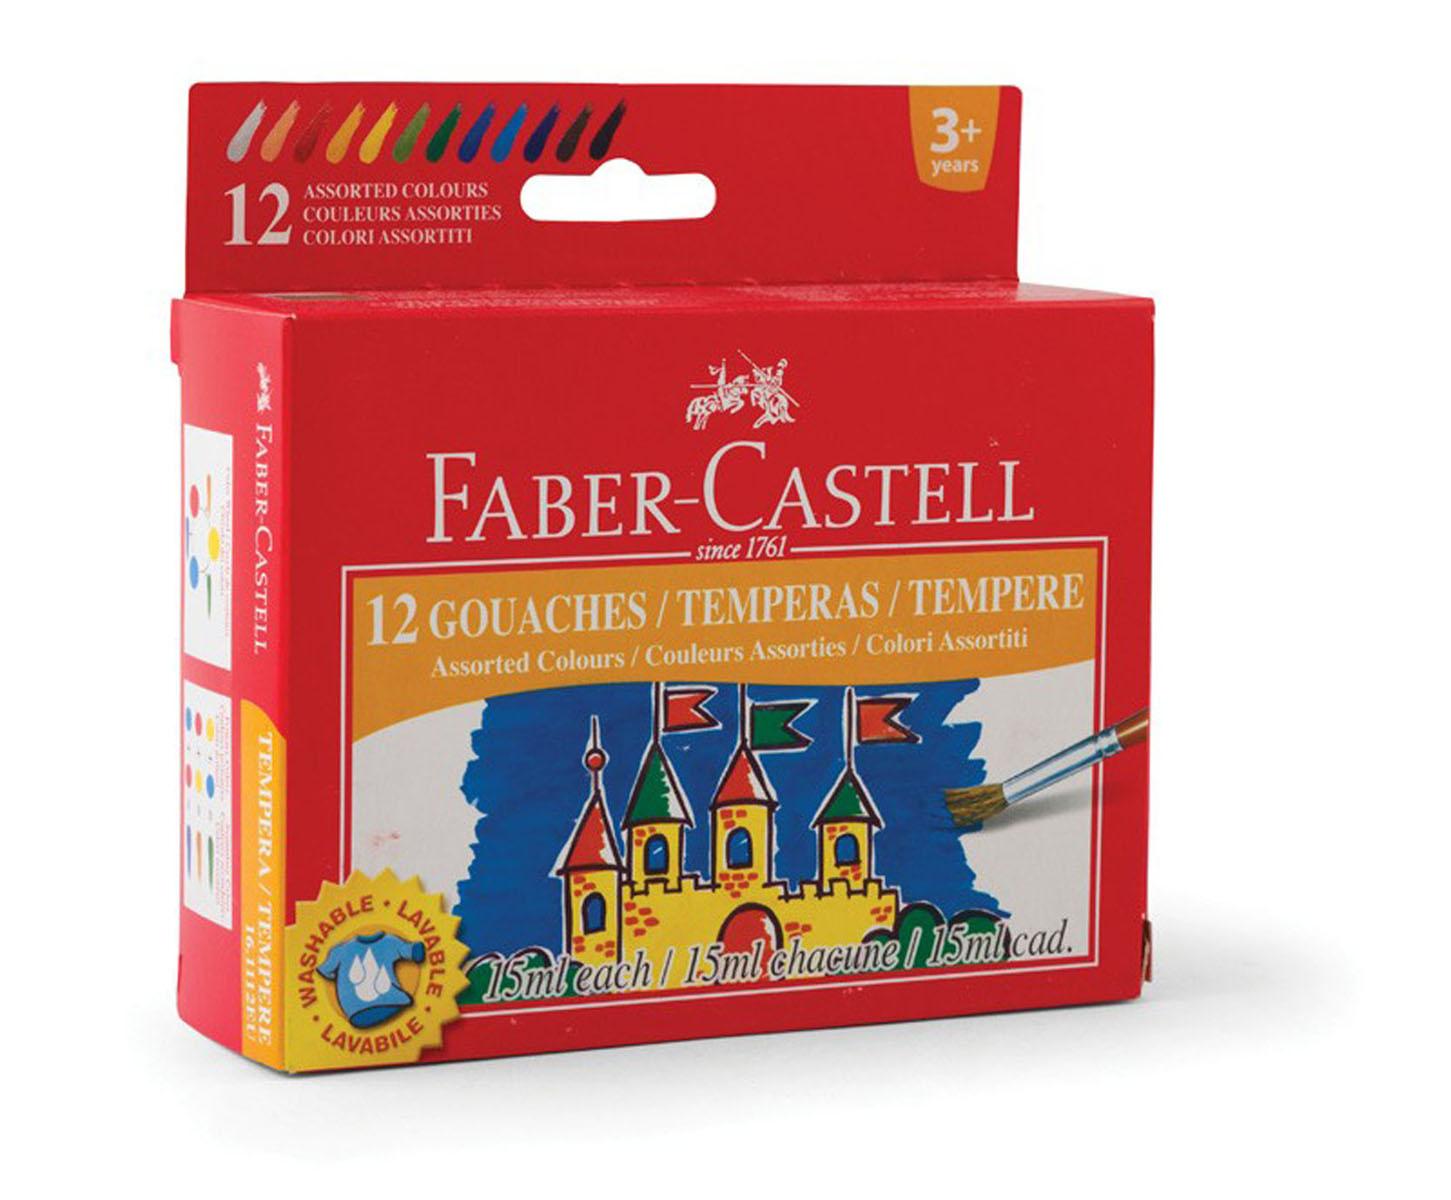 Гуашь Faber-Castell, 12 цветов161112Гуашь Faber-Castell предназначена для декоративно-оформительских работ и творчества детей.В набор входят краски 12 цветов: белый, розовый, красный, оранжевый, желтый, светло-зеленый, зеленый, синий, голубой, фиолетовый, коричневый, черный.Они легко наносятся на бумагу, картон и грунтованный холст. При высыхании приобретают матовую, бархатистую поверхность. Гуашевые краски, имея оптимальную цветовую палитру, обладают оптимальной степенью укрывистости. При высыхании краски можно развести водой. С такими красками ваш малыш сможет раскрыть свой художественный талант и создать свои собственные уникальные шедевры.